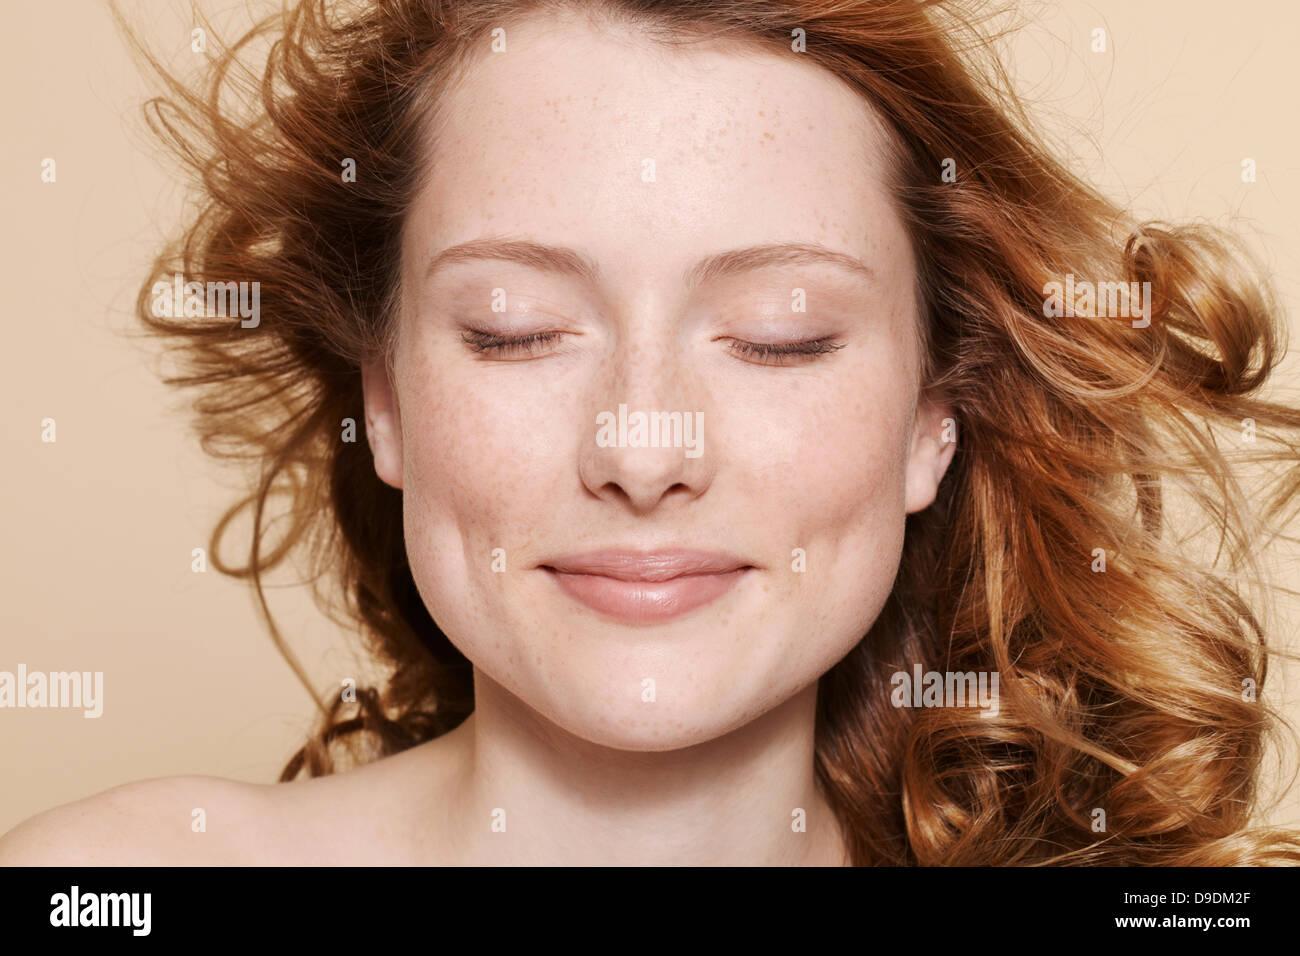 Studio shot della giovane donna con ricci capelli rossi a occhi chiusi Immagini Stock